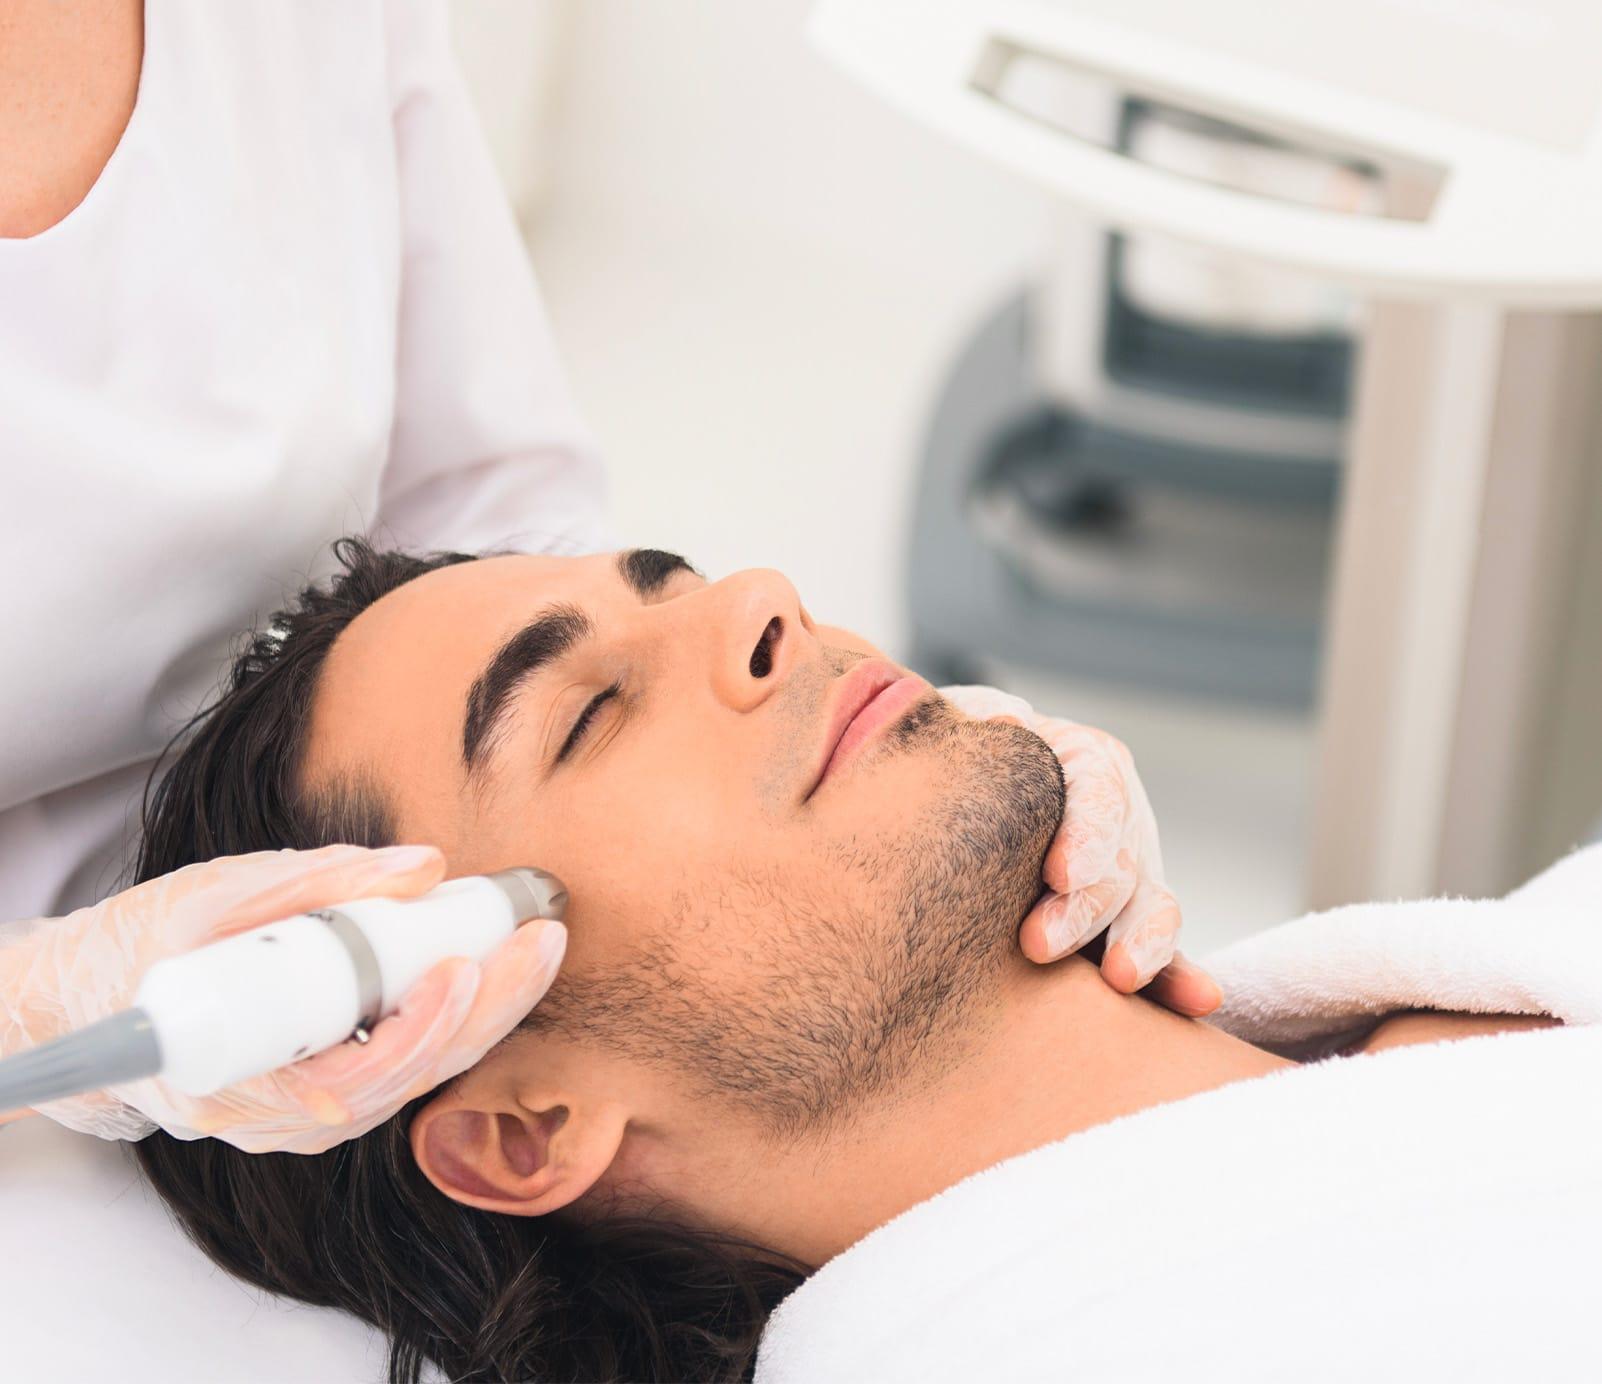 Nettoyage dermatologique peau visage | découvrez le prix de cette technique à Paris | BCBG